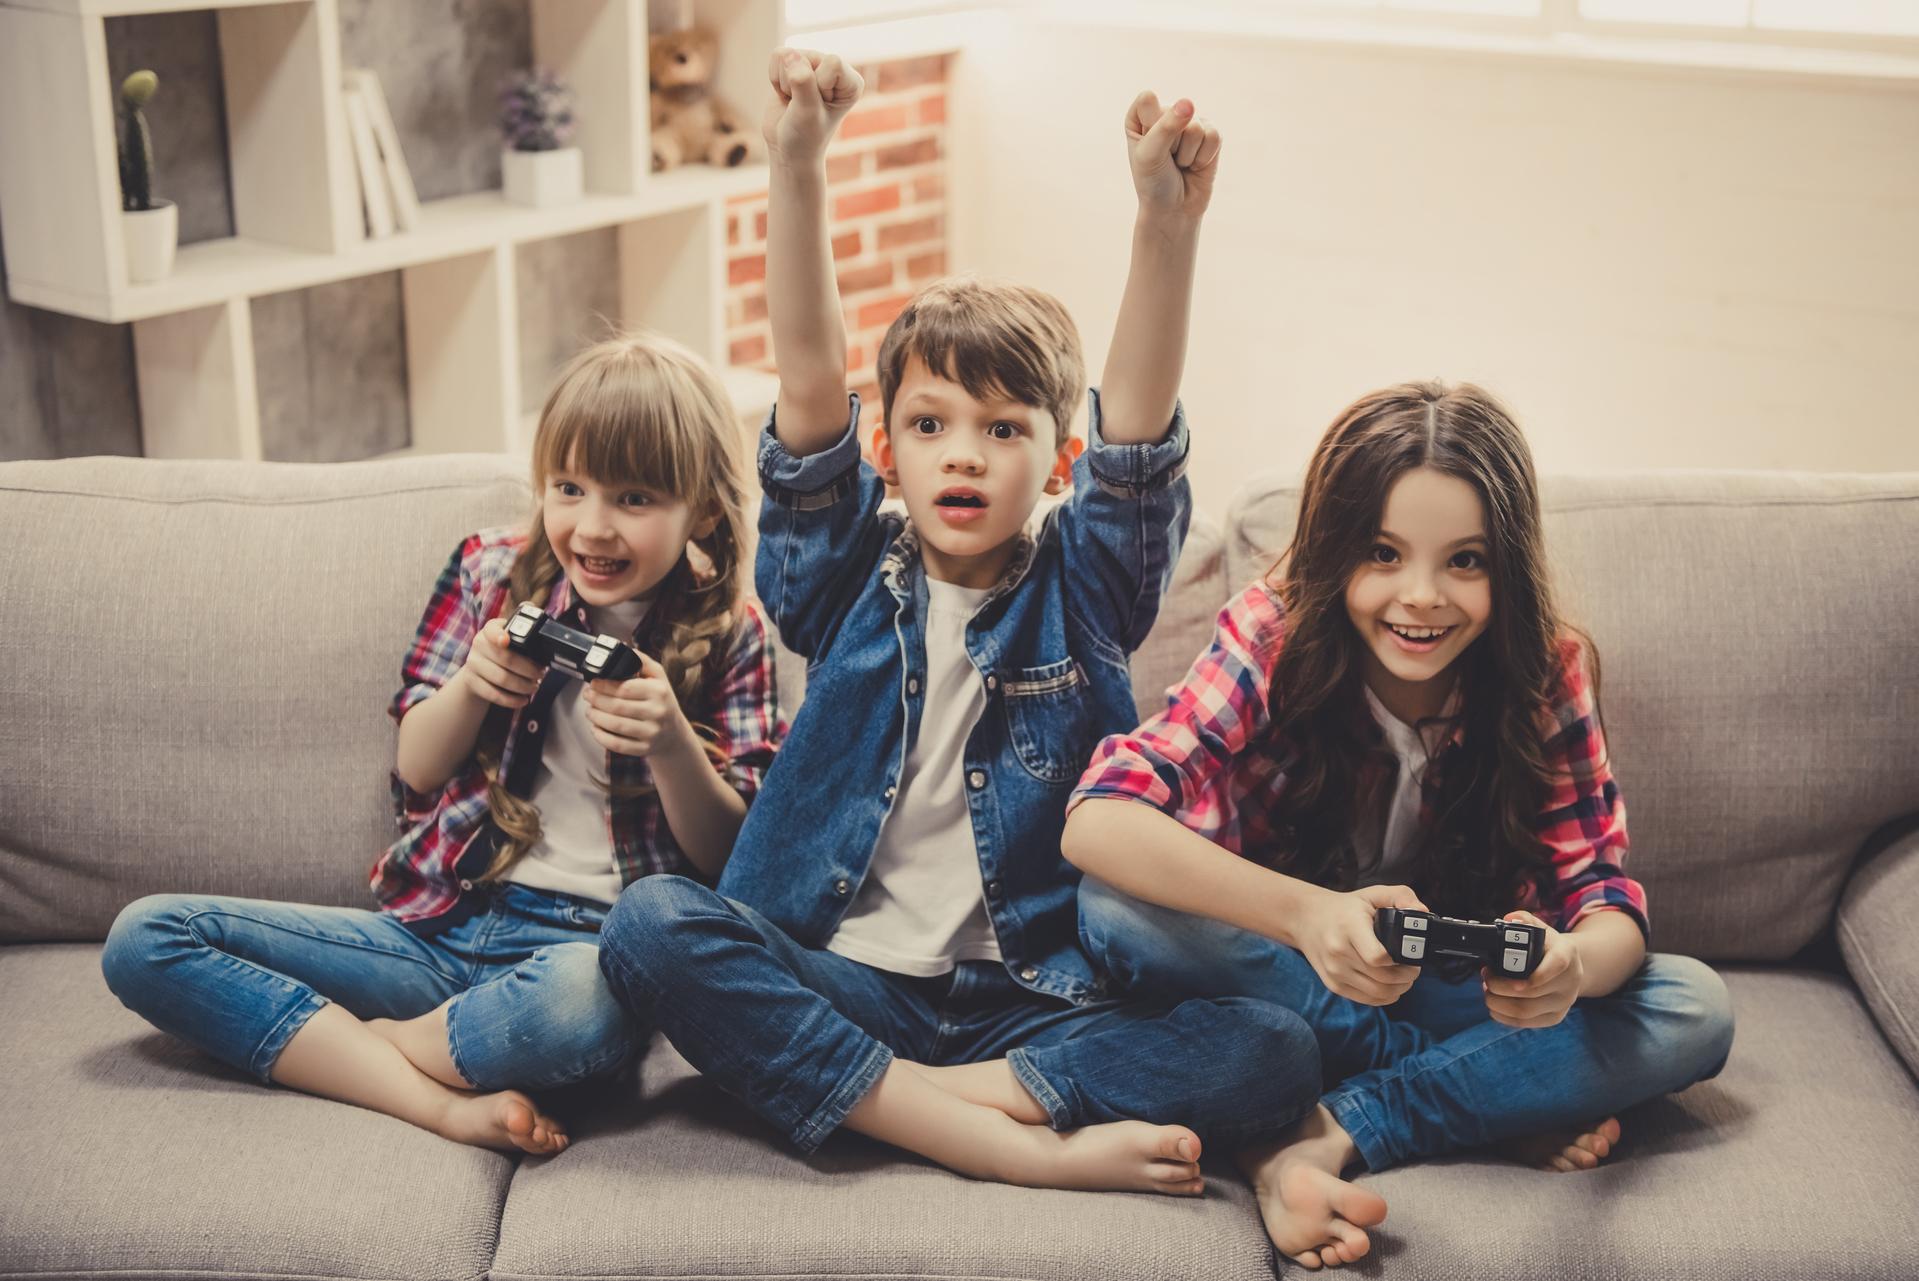 Enfants : les jeux vidéo contre la dépression? - Sud Ouest